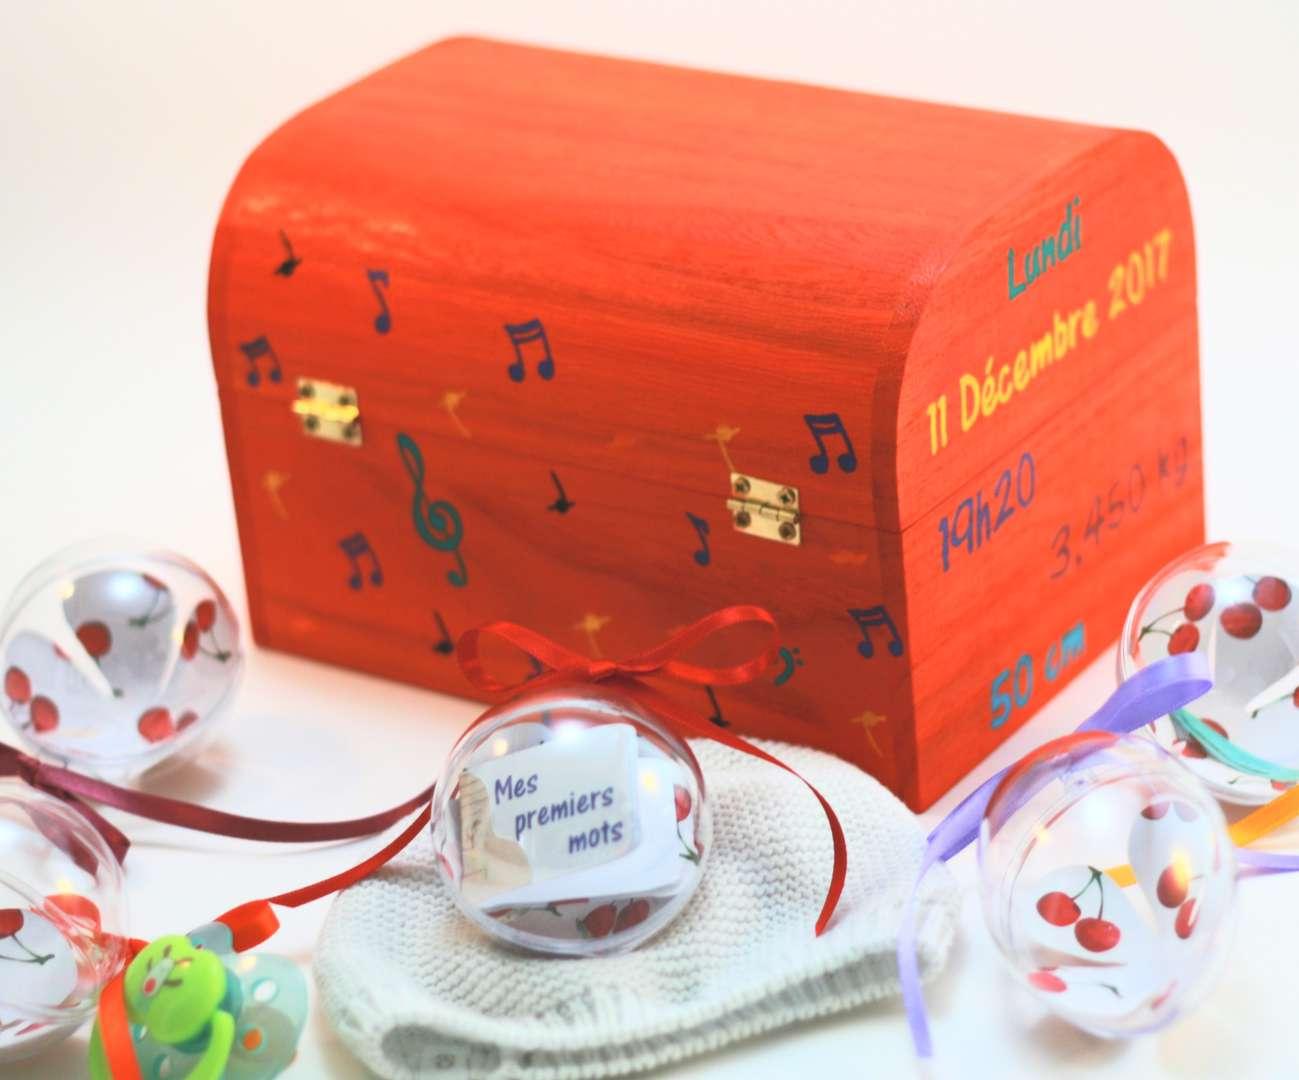 Coffret orange carotte Liam, décorations thème musical, informations de naissance et boules